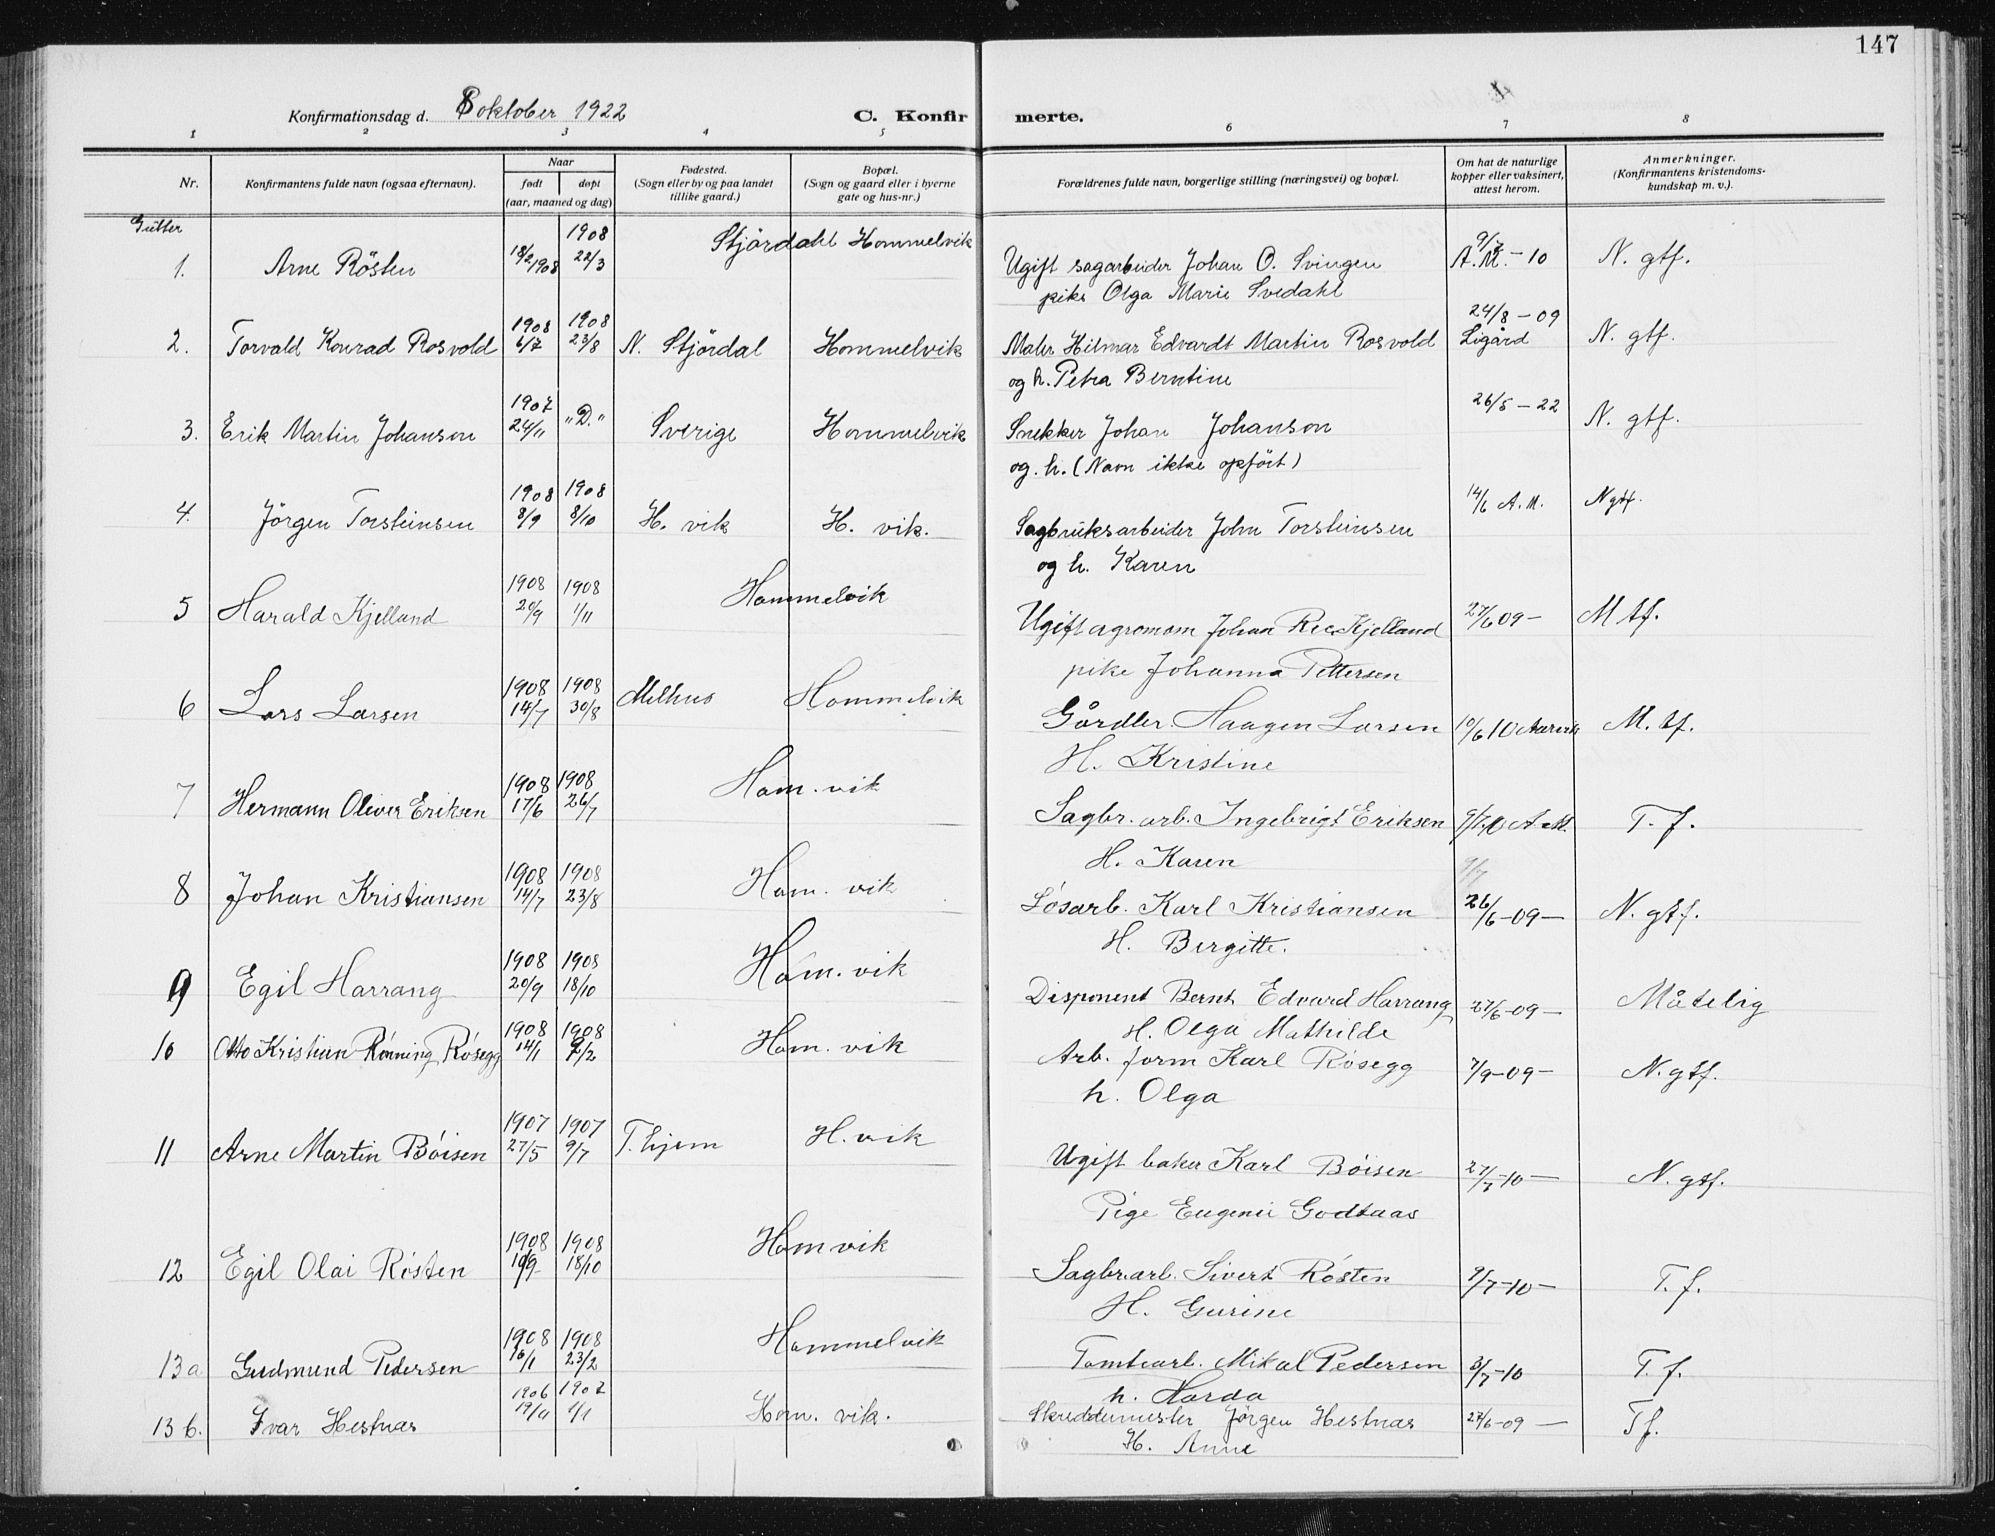 SAT, Ministerialprotokoller, klokkerbøker og fødselsregistre - Sør-Trøndelag, 617/L0431: Klokkerbok nr. 617C02, 1910-1936, s. 147